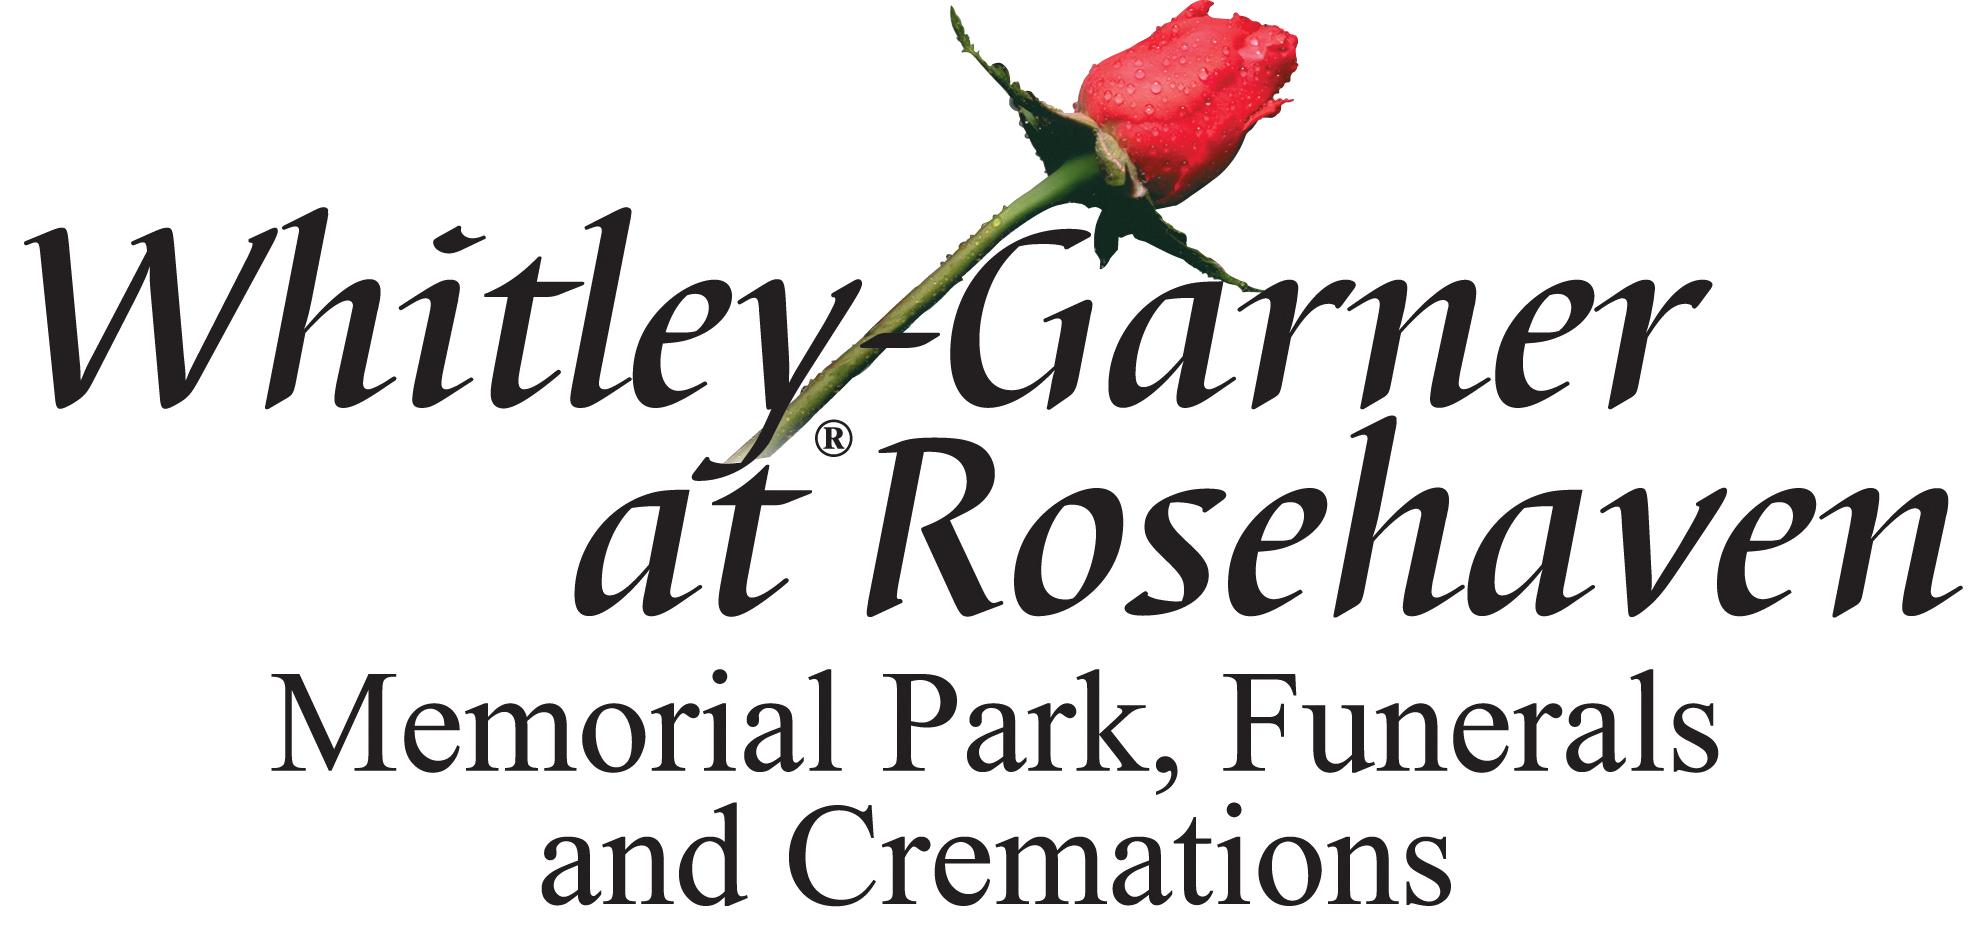 Whitley-Garner at Rosehaven Memorial Park